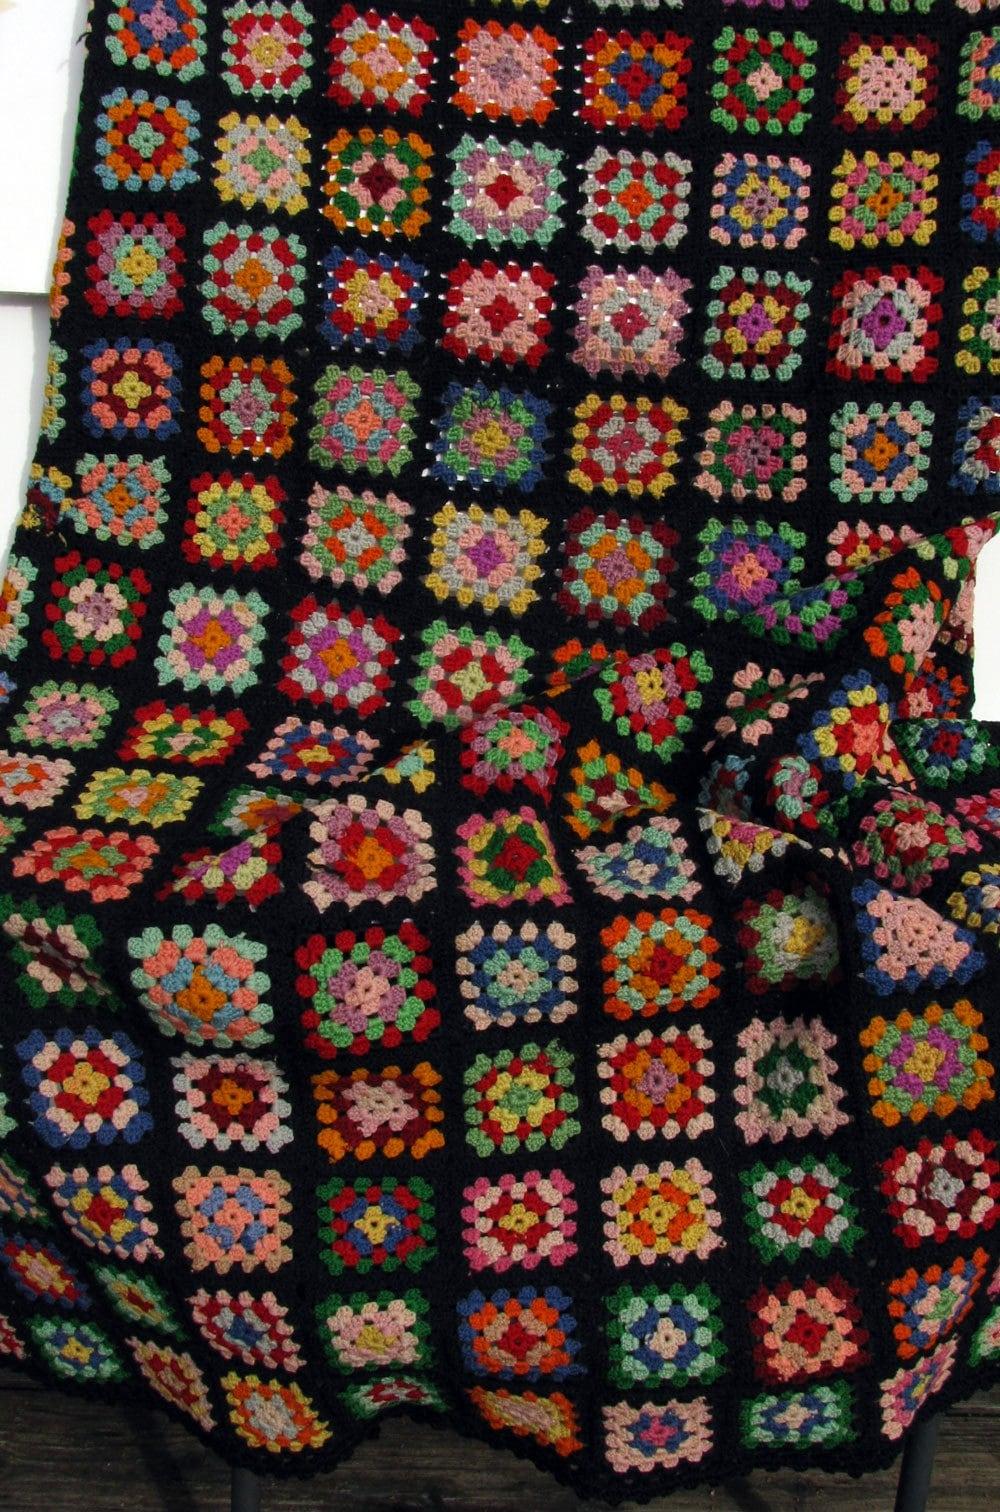 Vintage Crochet Granny Square Quilt Black Bkgrnd